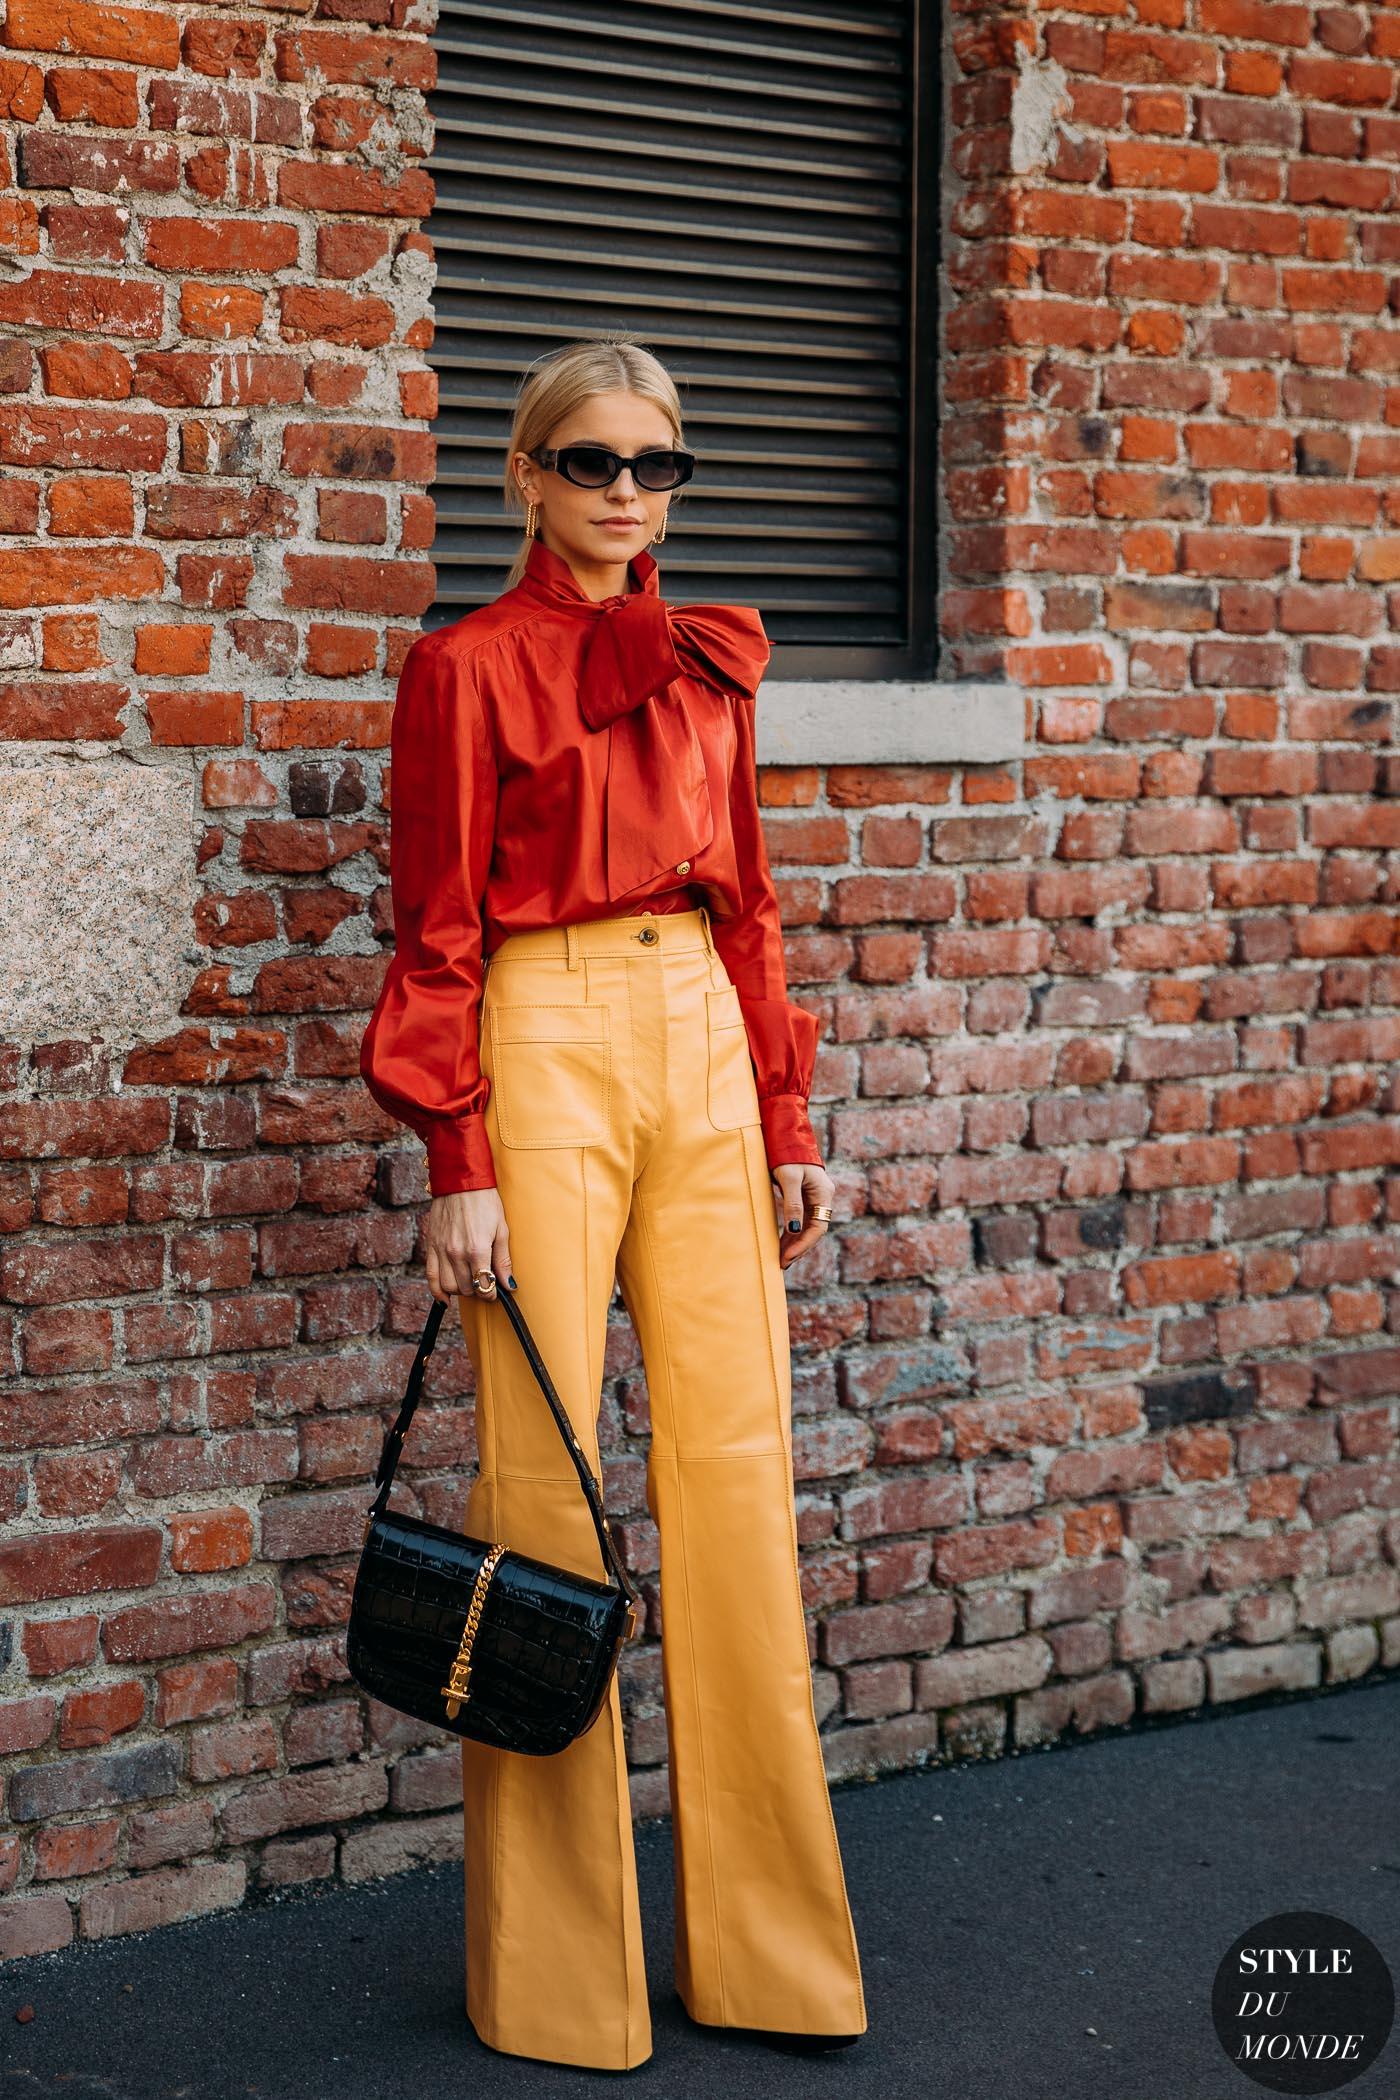 cô gái mặc quần màu vàng mù tạt phối với áo đỏ